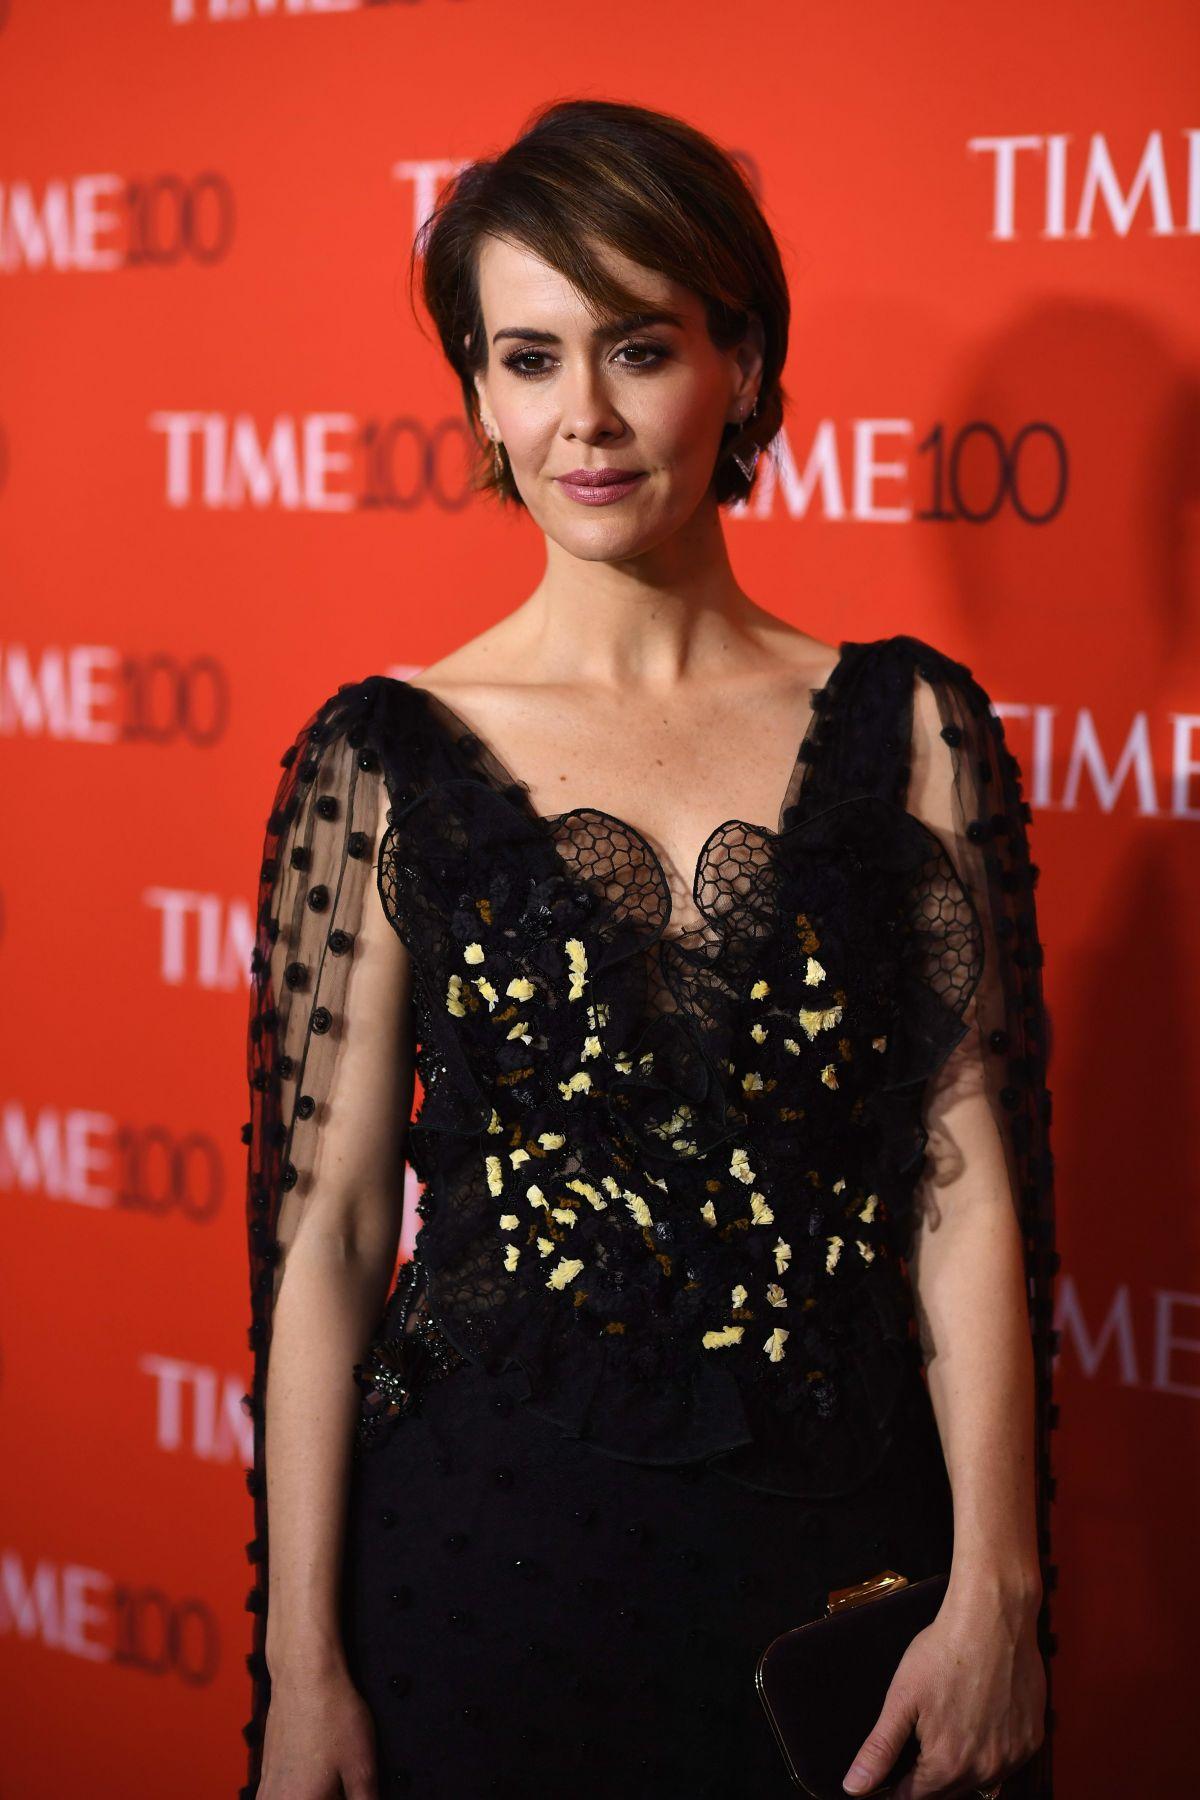 SARAH PAULSON at 2017 Time 100 Gala in New York 04/25/2017 ...